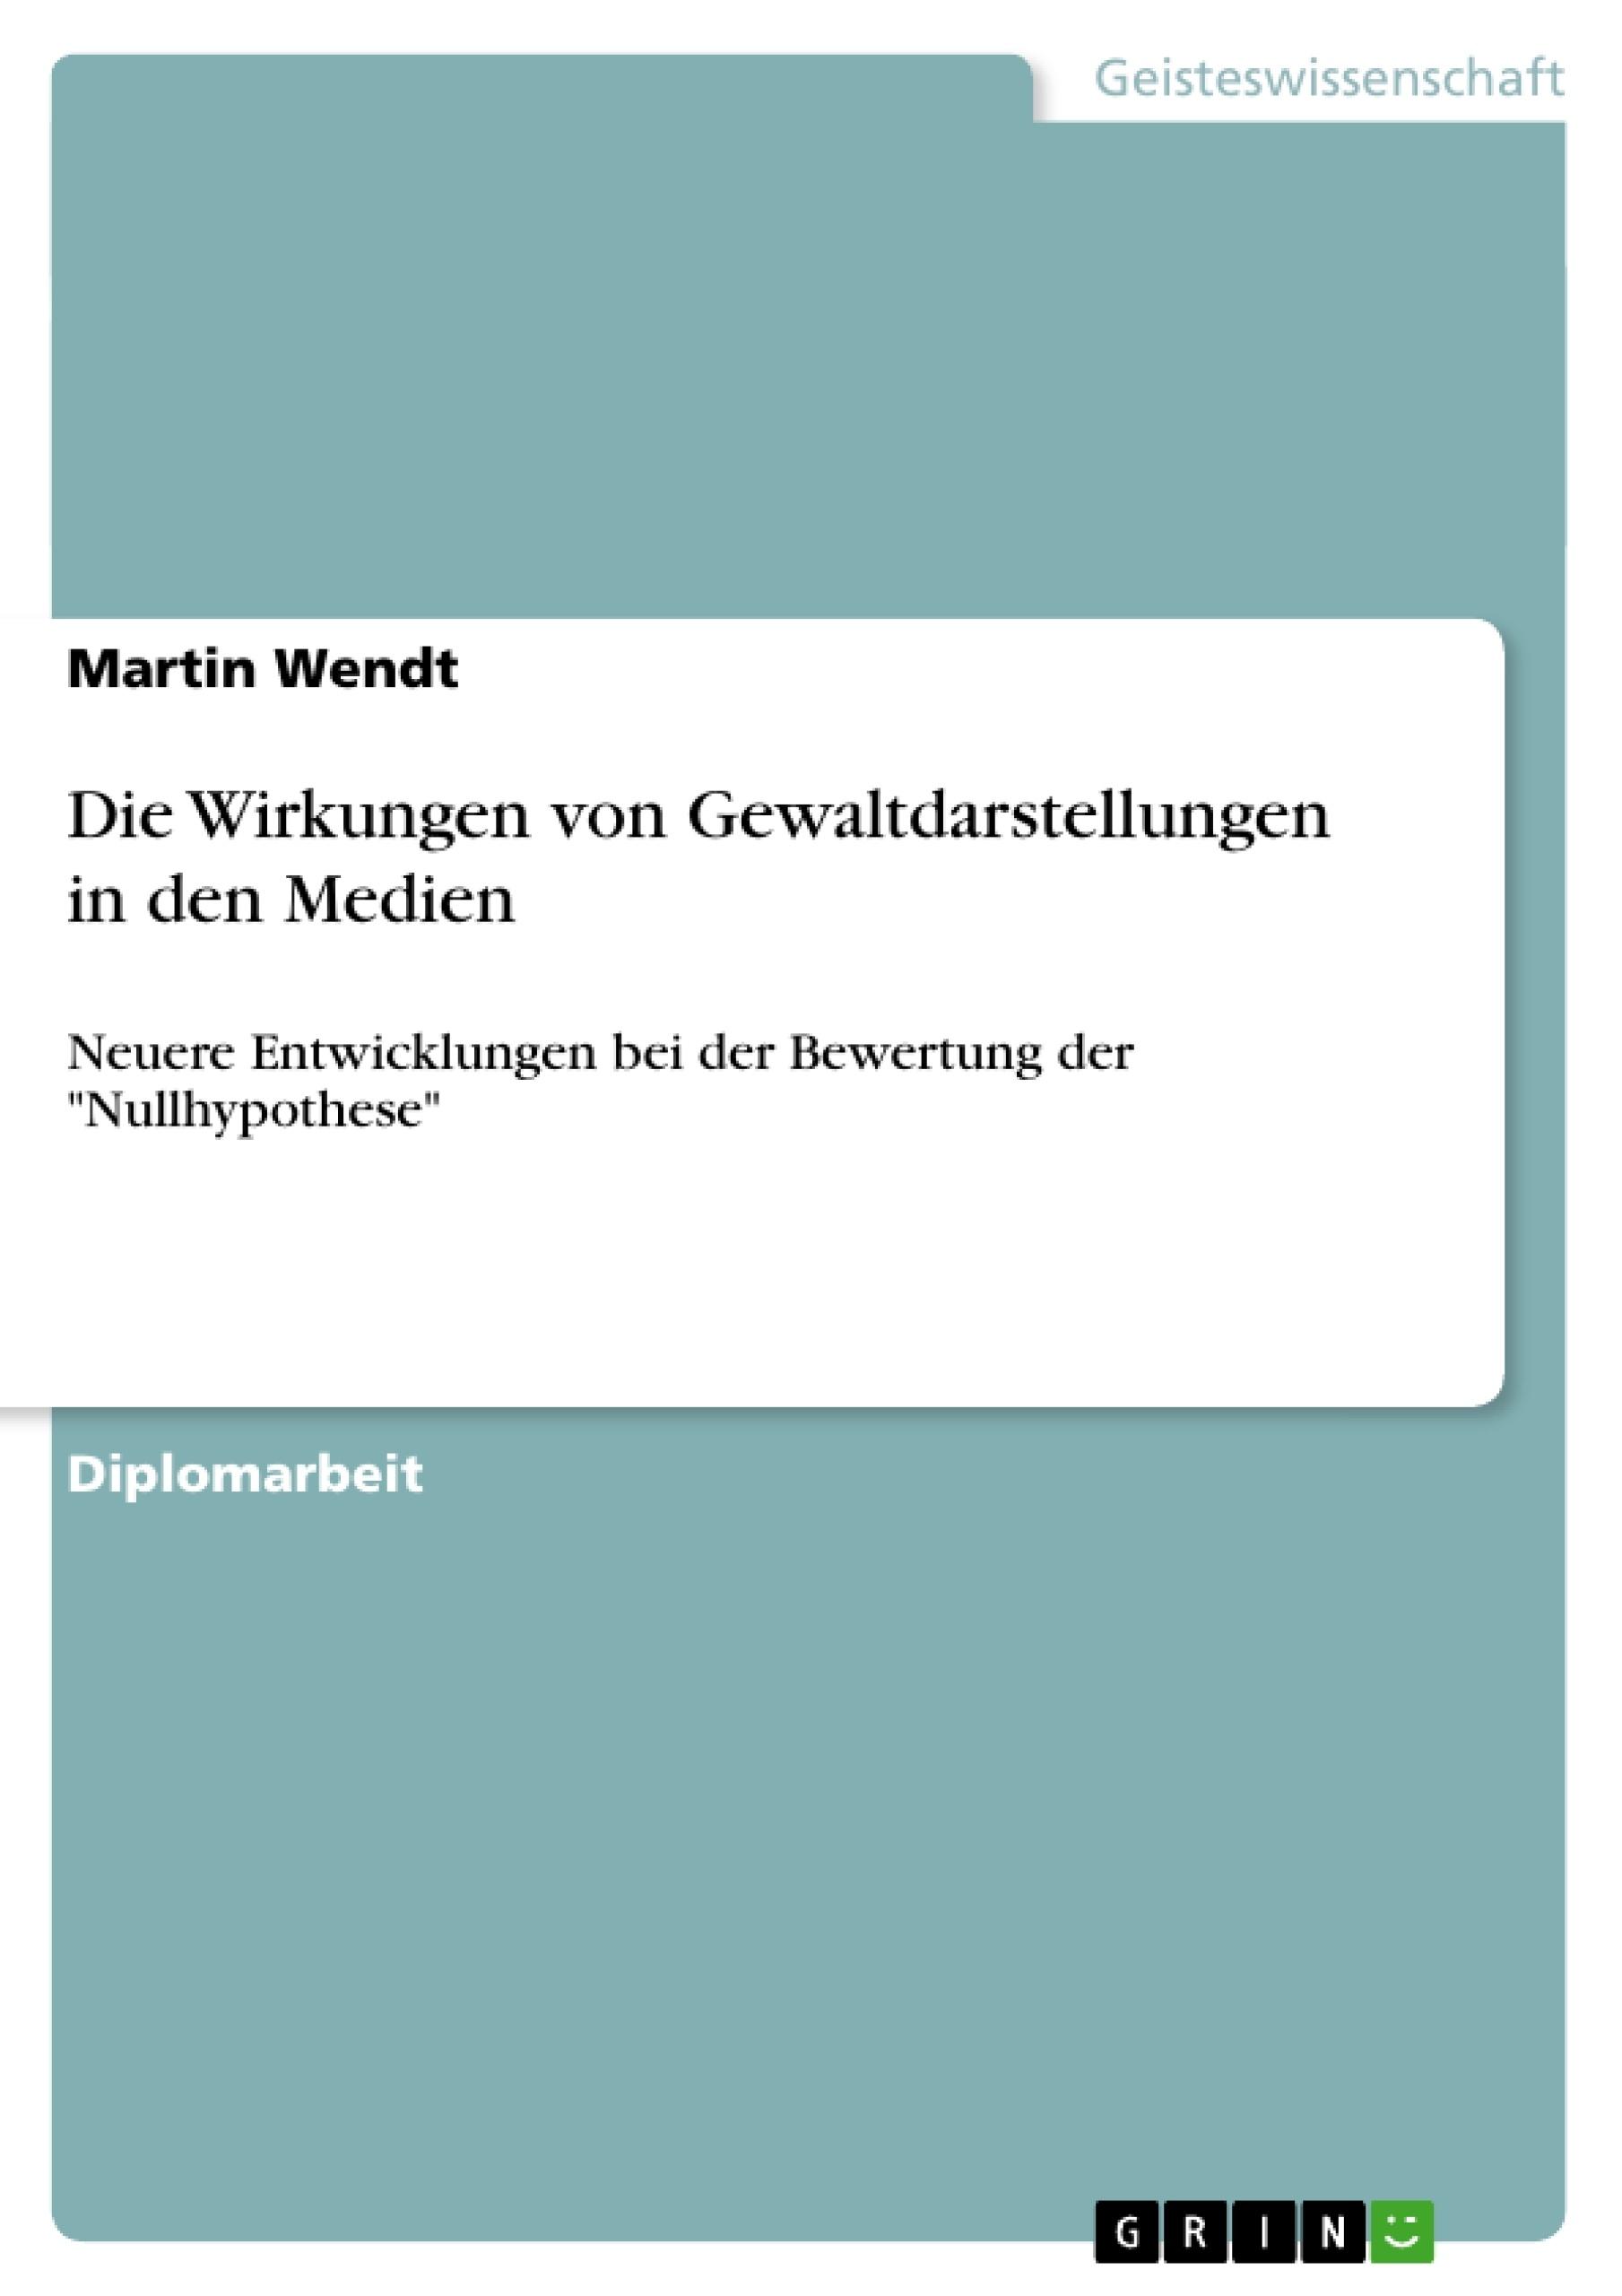 Titel: Die Wirkungen von Gewaltdarstellungen in den Medien